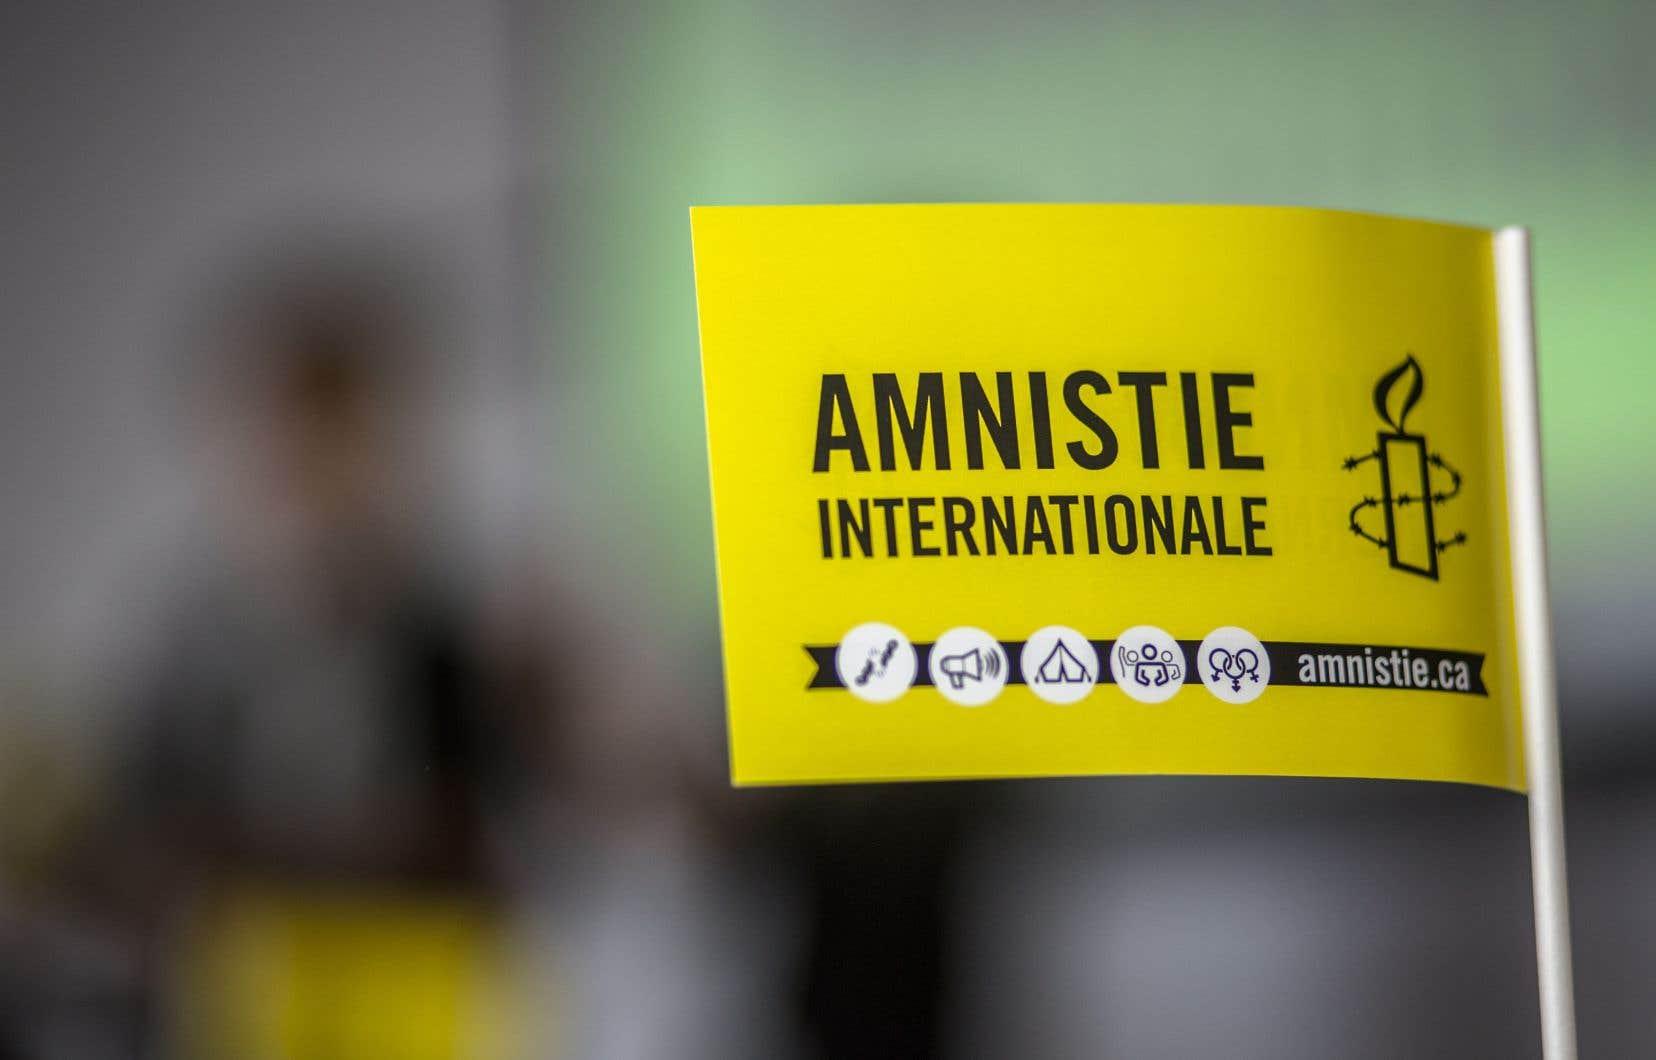 Dans son rapport, Amnesty déclare que les lacunes législatives, les idées reçues et les stéréotypes sexistes avaient entraîné une «impunité généralisée» pour les auteurs de ces actes.